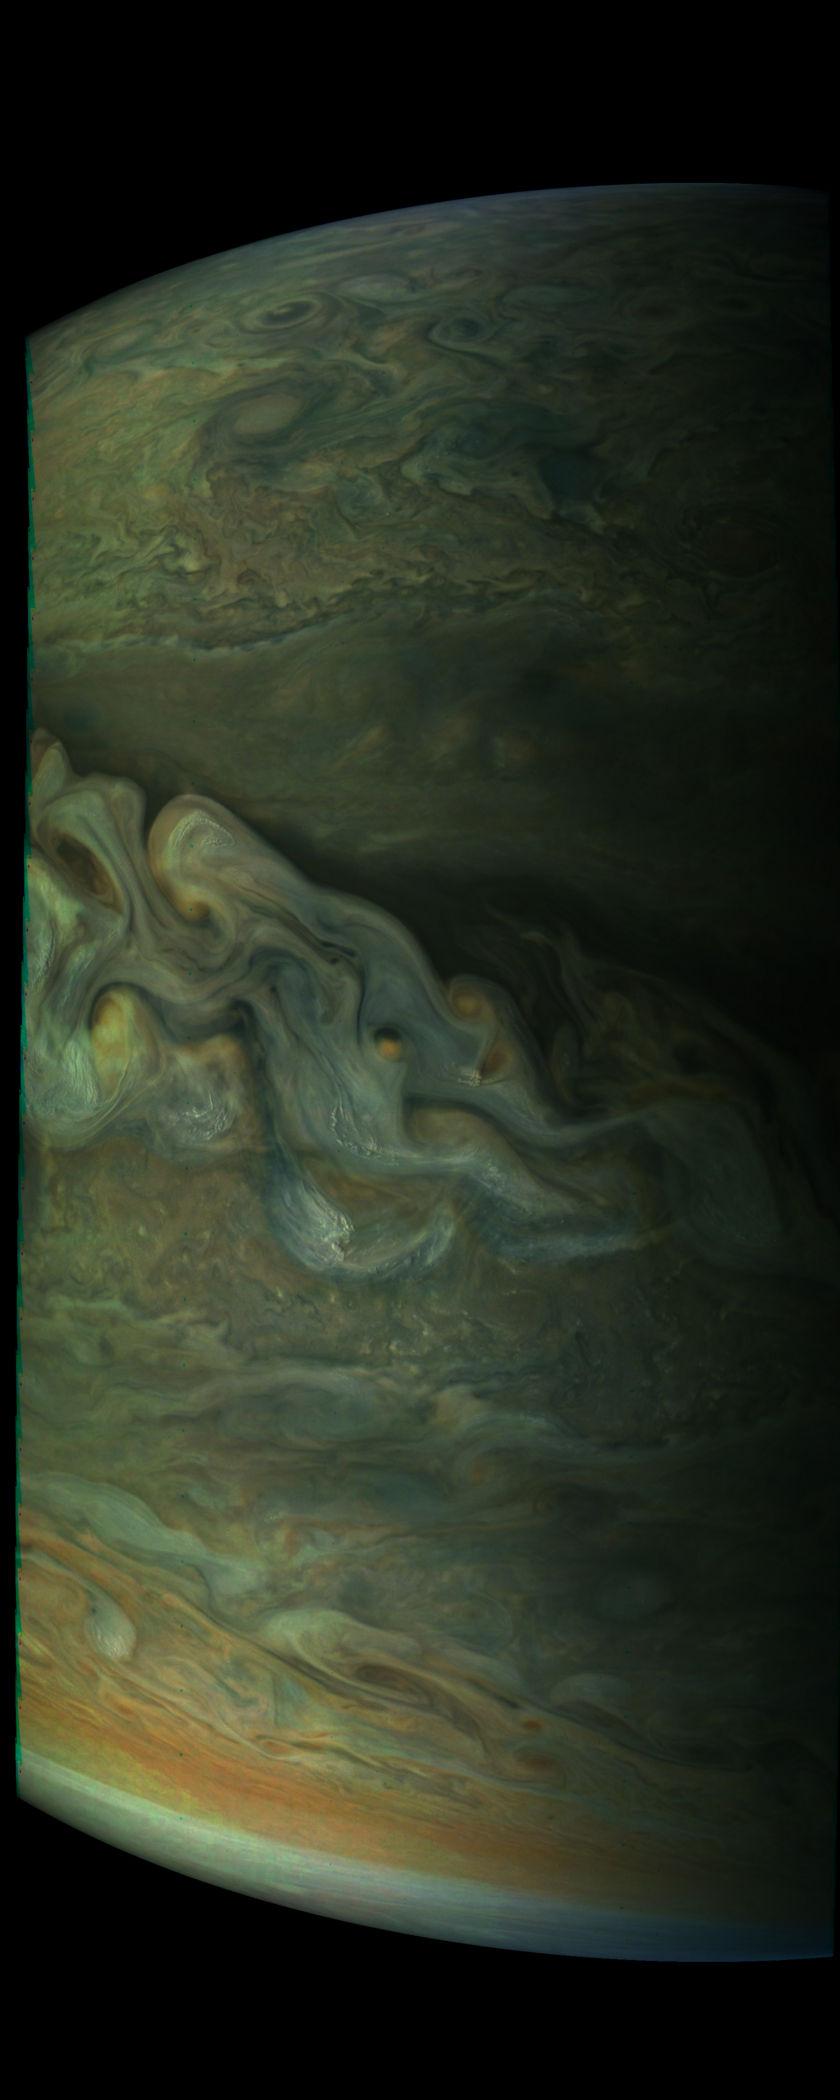 Jupiter's Great Polar Spot from Juno